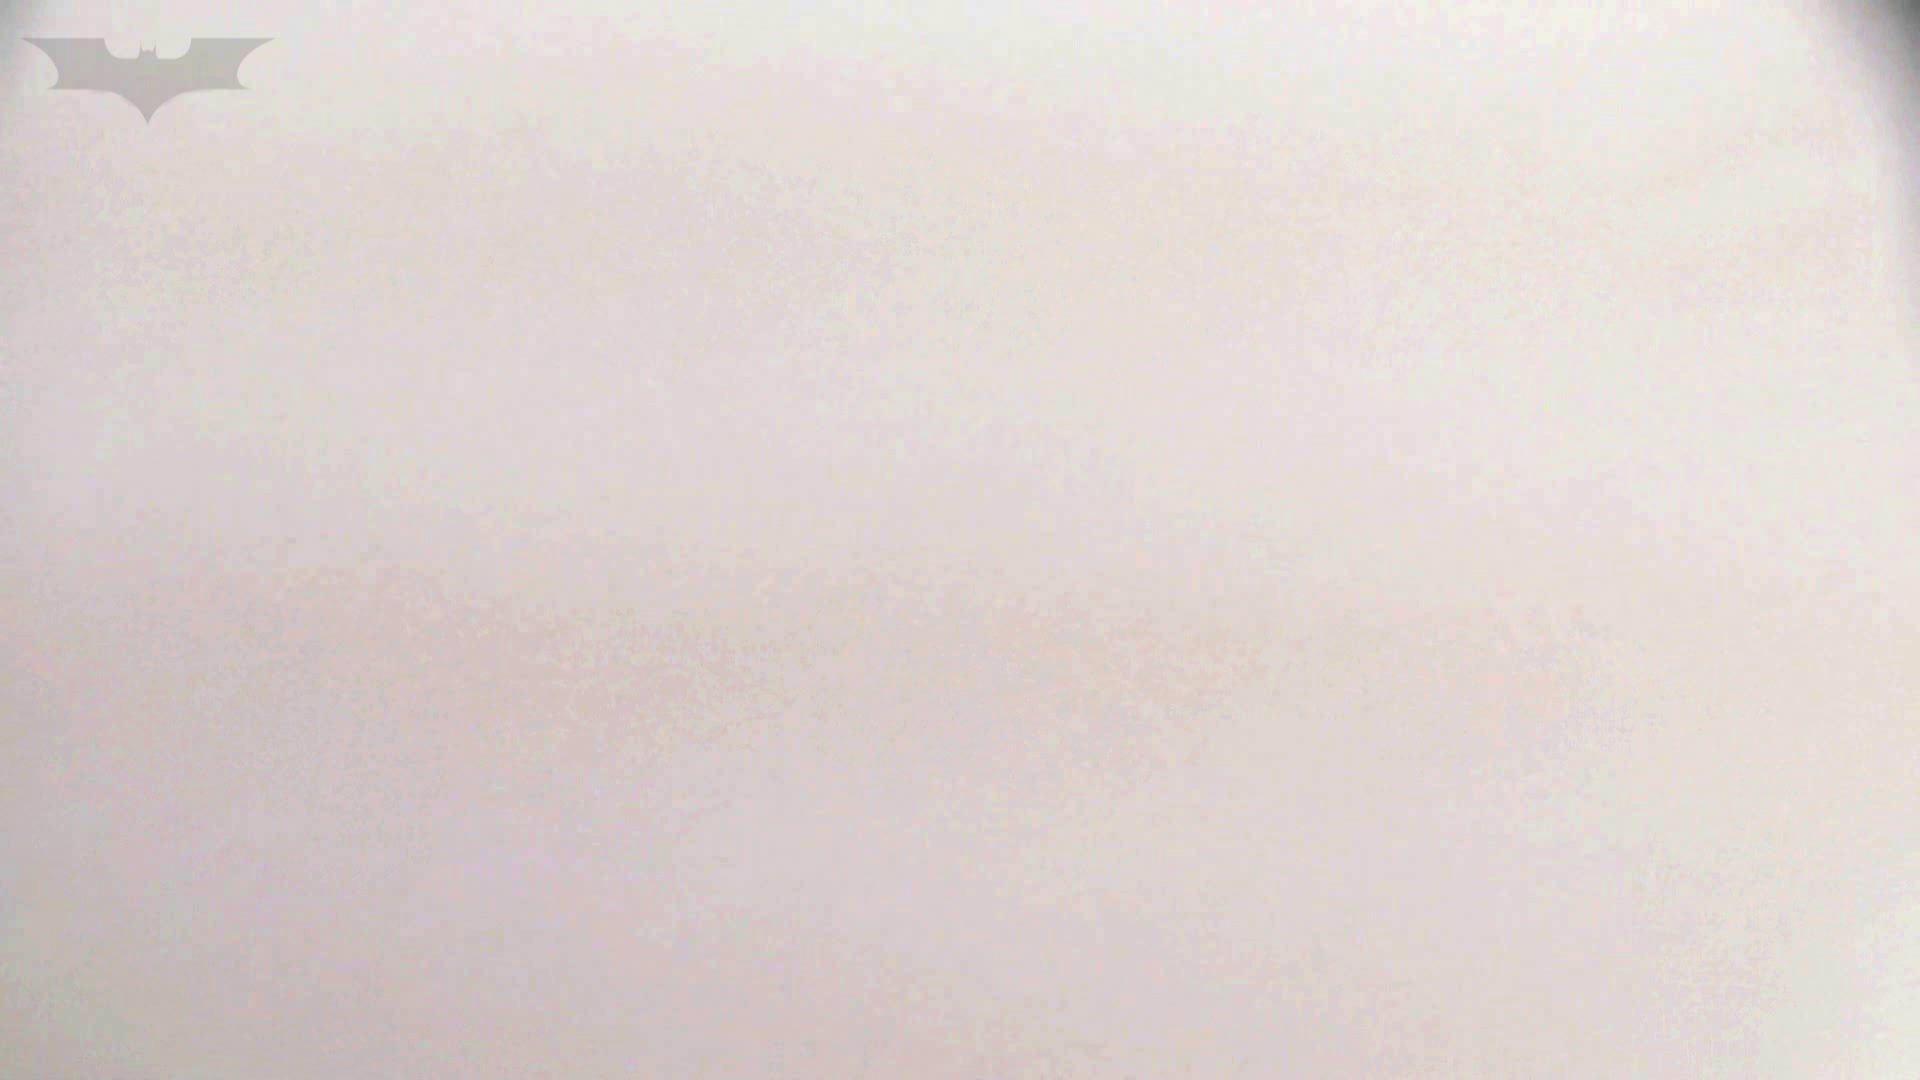 洗面所特攻隊 vol.74 last 2総勢16名激撮【2015・29位】 洗面所  84枚 42